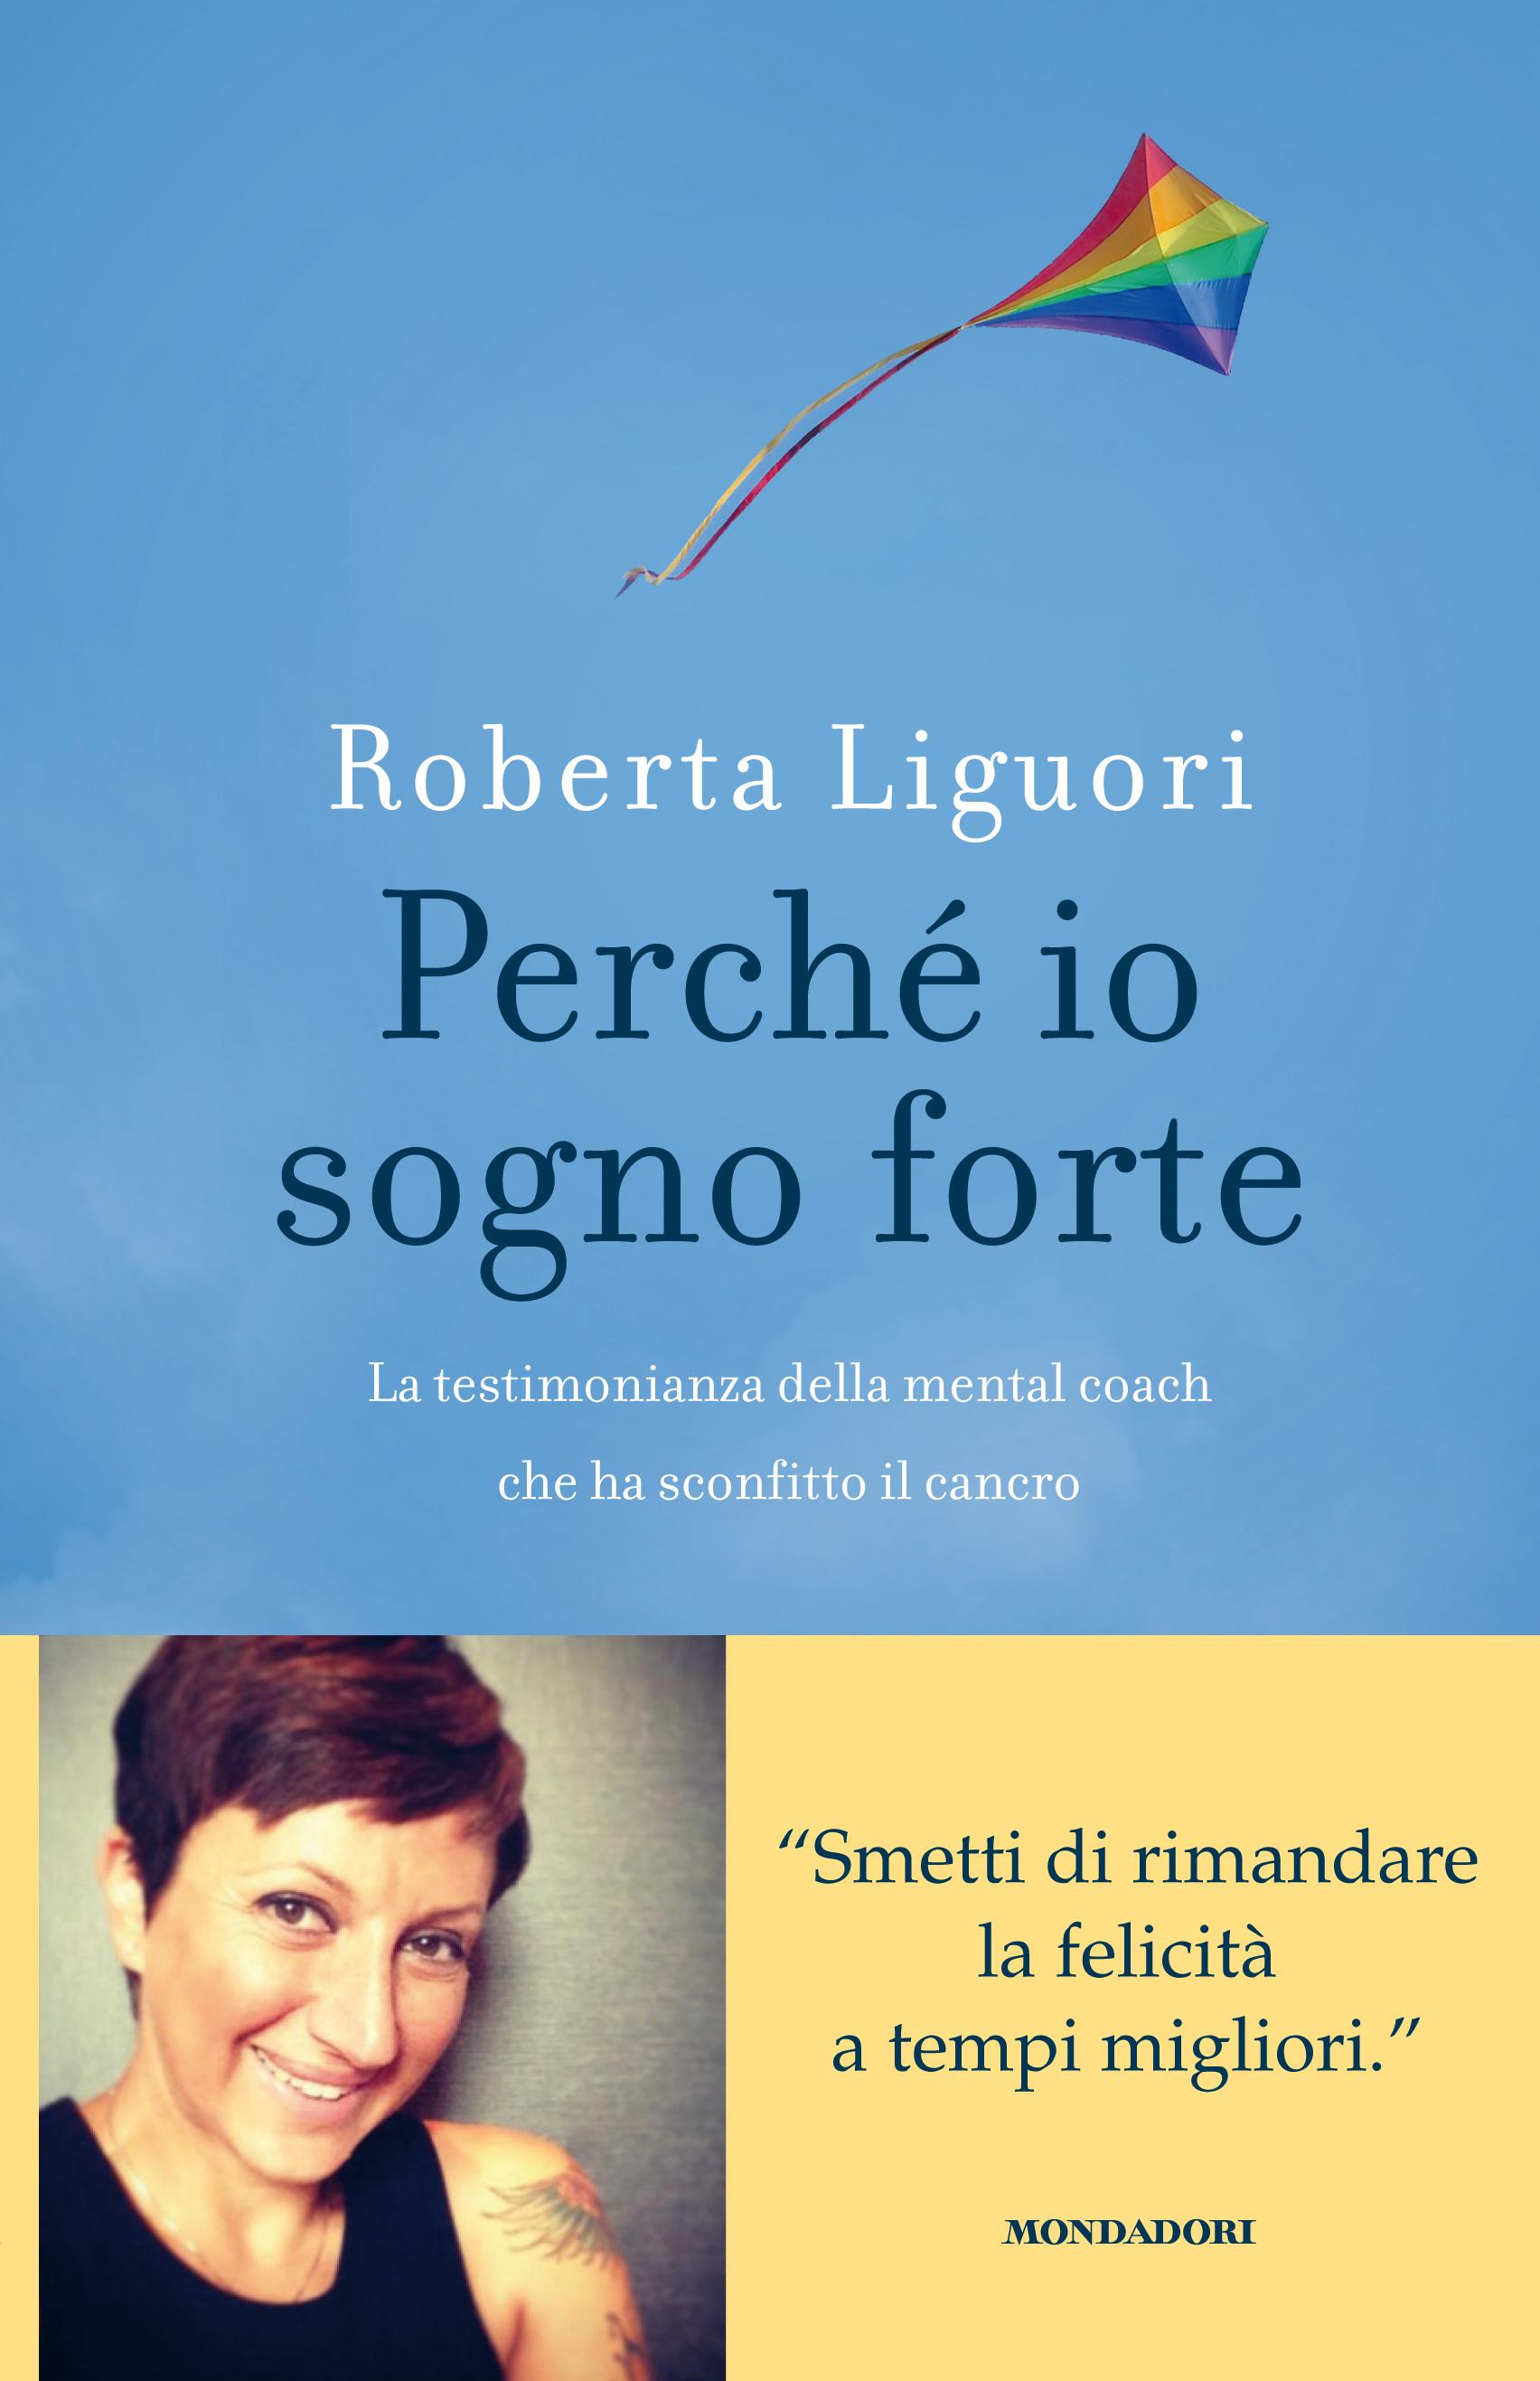 """PRESENTAZIONE LIBRO: ROBERTA LIGUORI """"PERCHE' IO SOGNO FORTE"""""""